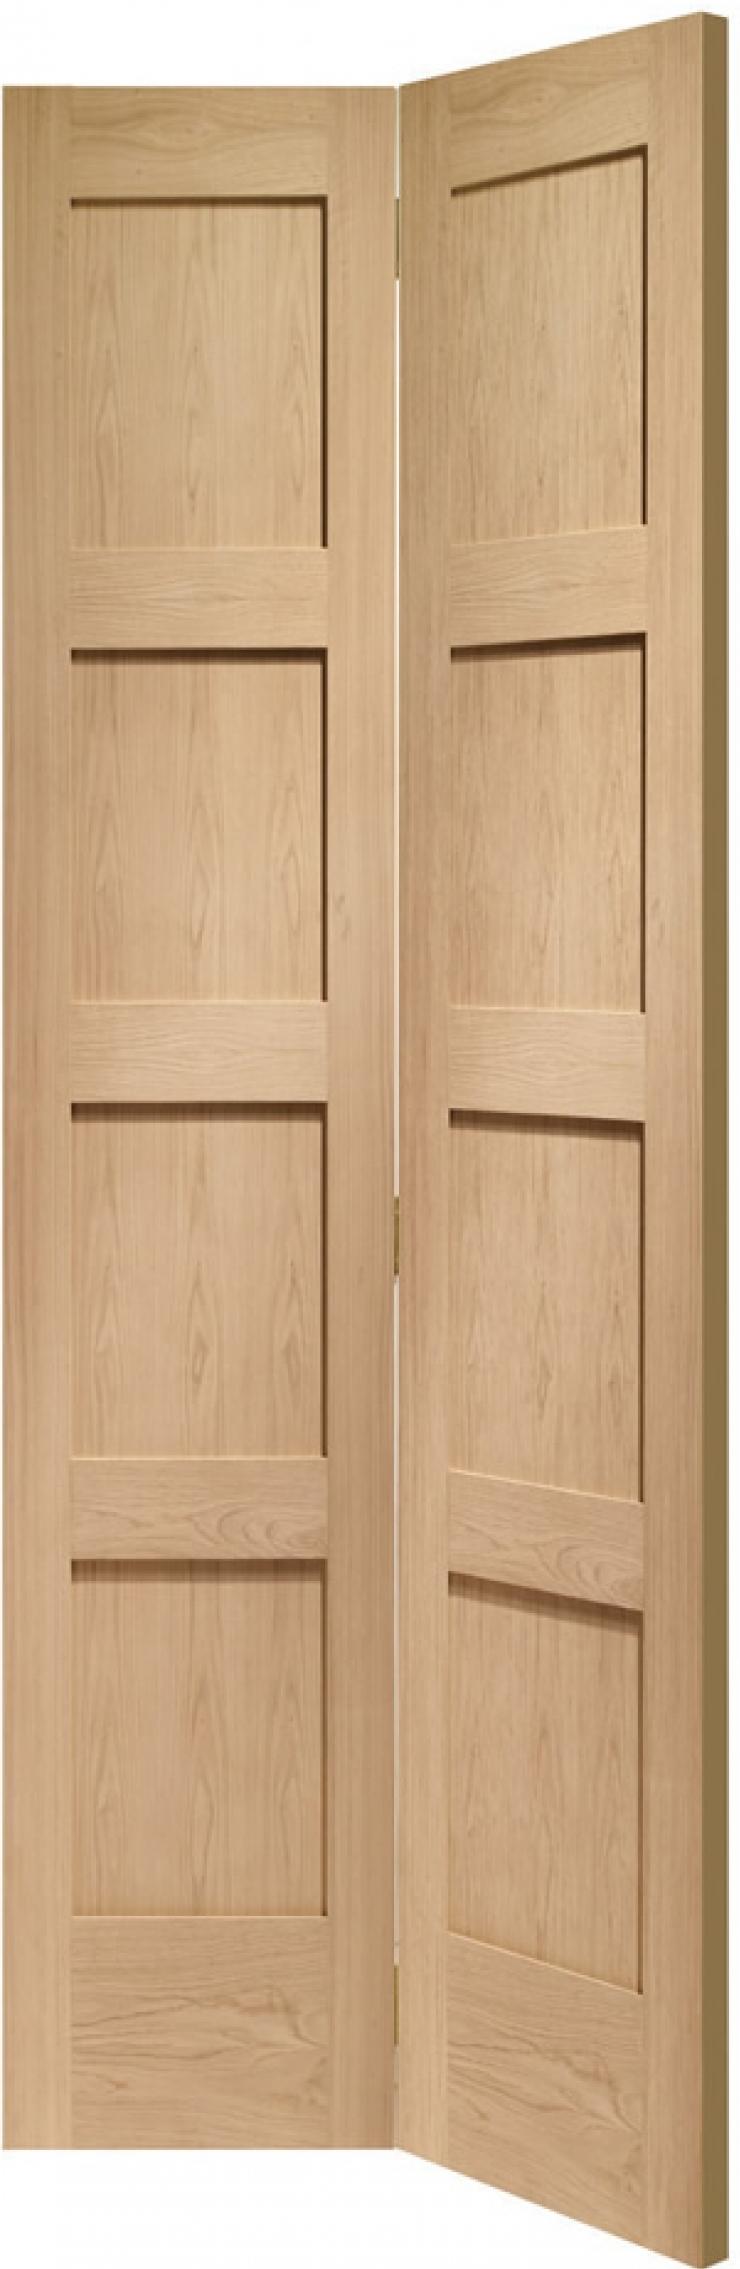 Shaker 4 Panel Oak Bifold Door